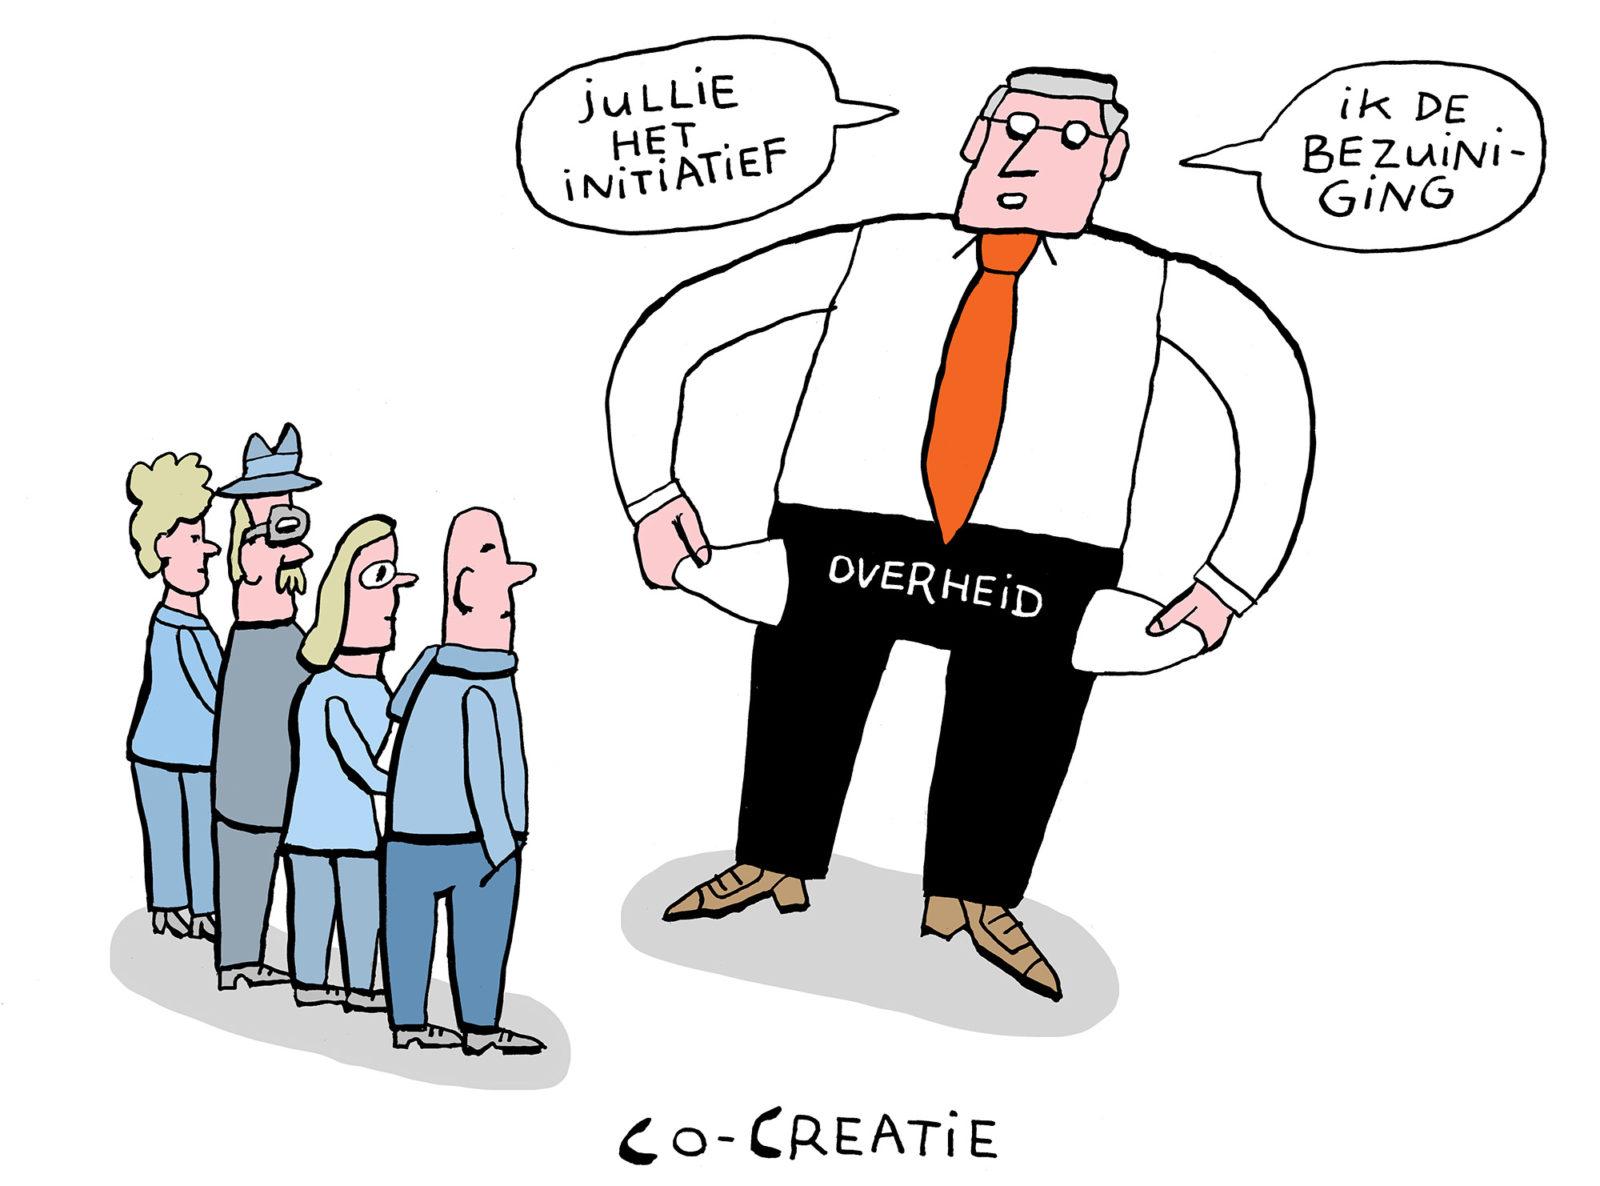 kwestie-participatiesamenleving-co-creatie-bezuiniging-bas-van-der-schot1